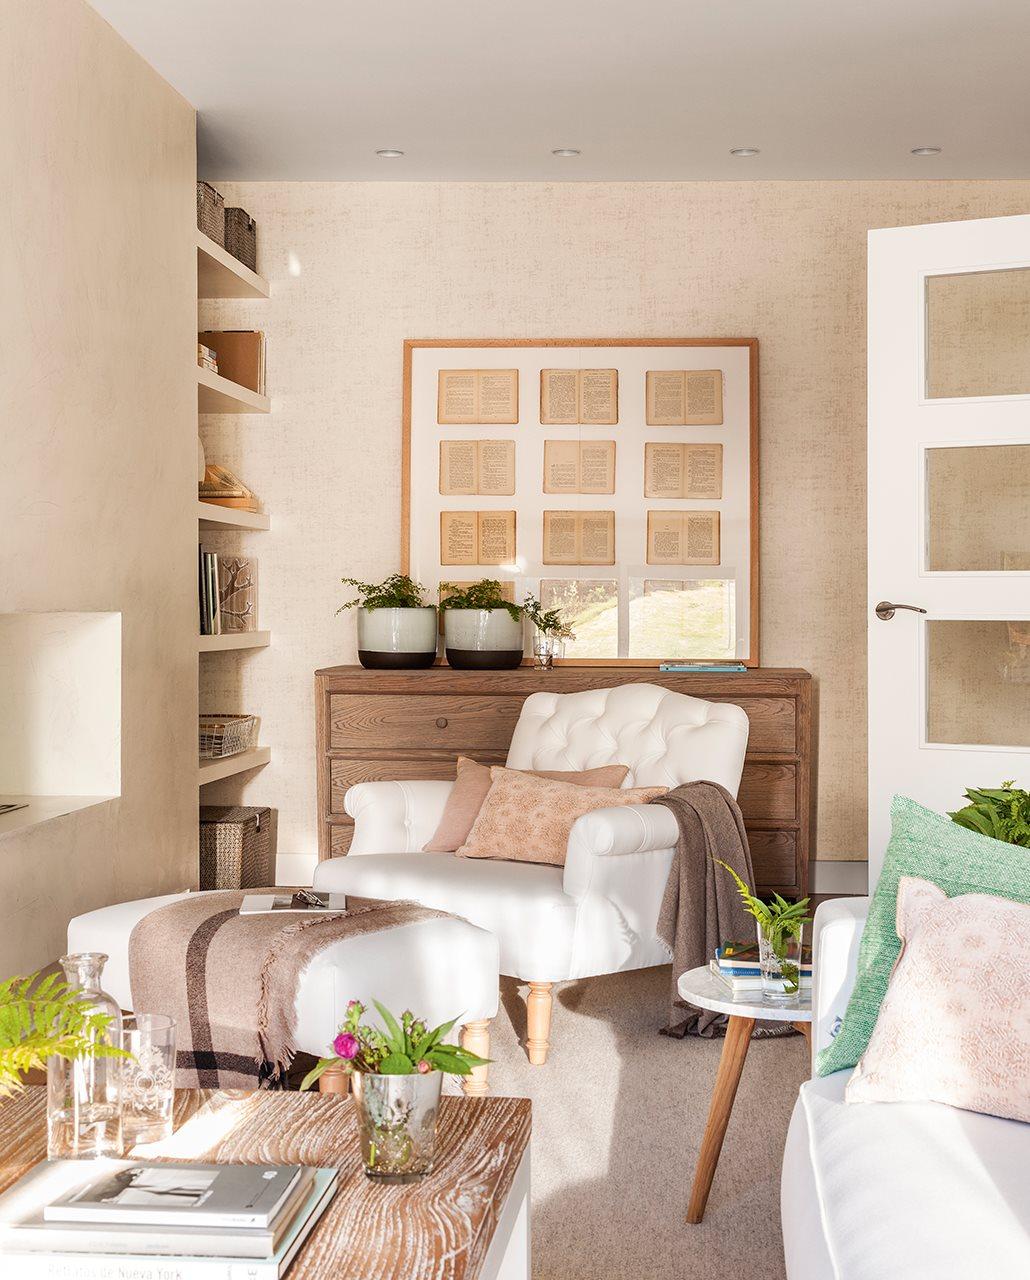 Una peque a casa muy bien aprovechada - Butacas pequenas para salon ...